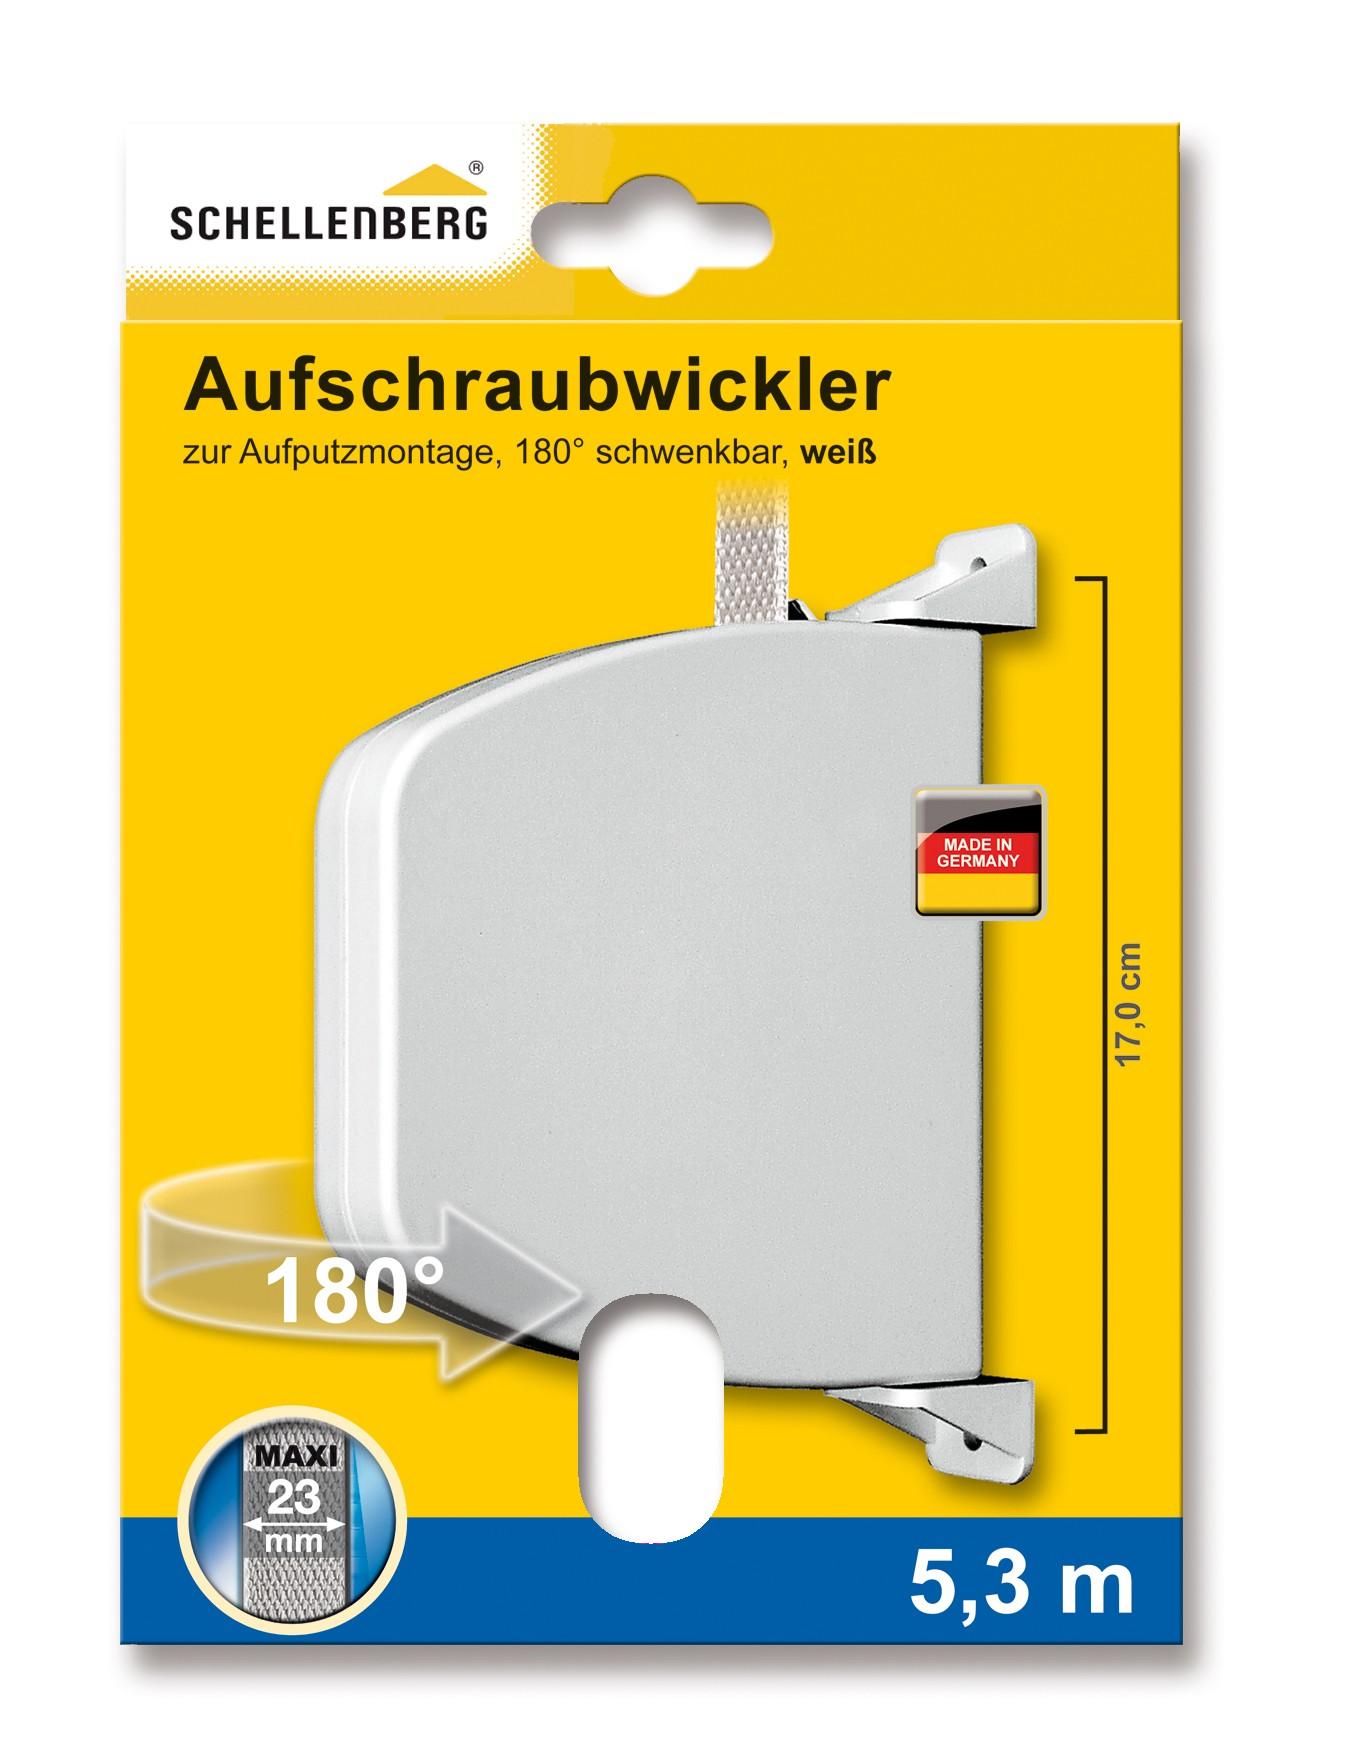 Abschraubwickler Schellenberg Maxi weiß Lochabstand 17 cm Bild 1